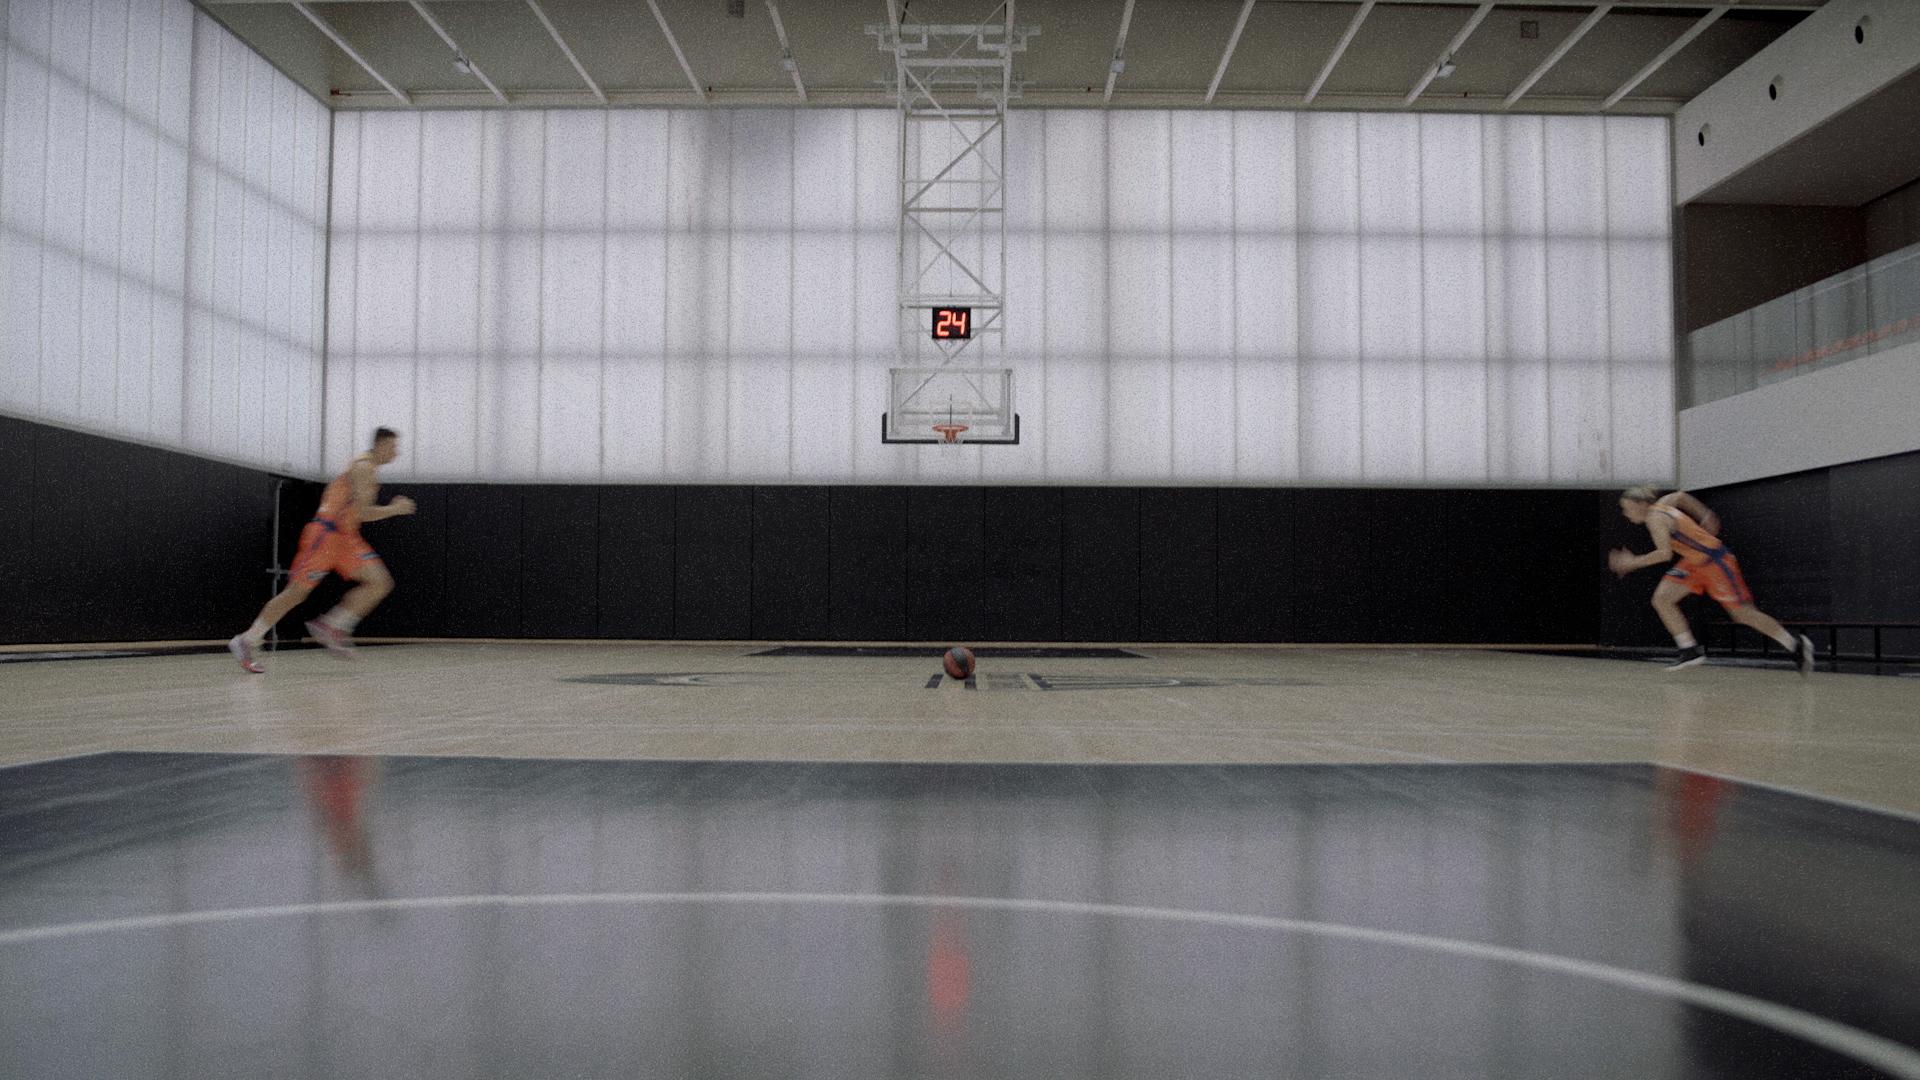 Atraer la atención de los aficionados de baloncesto